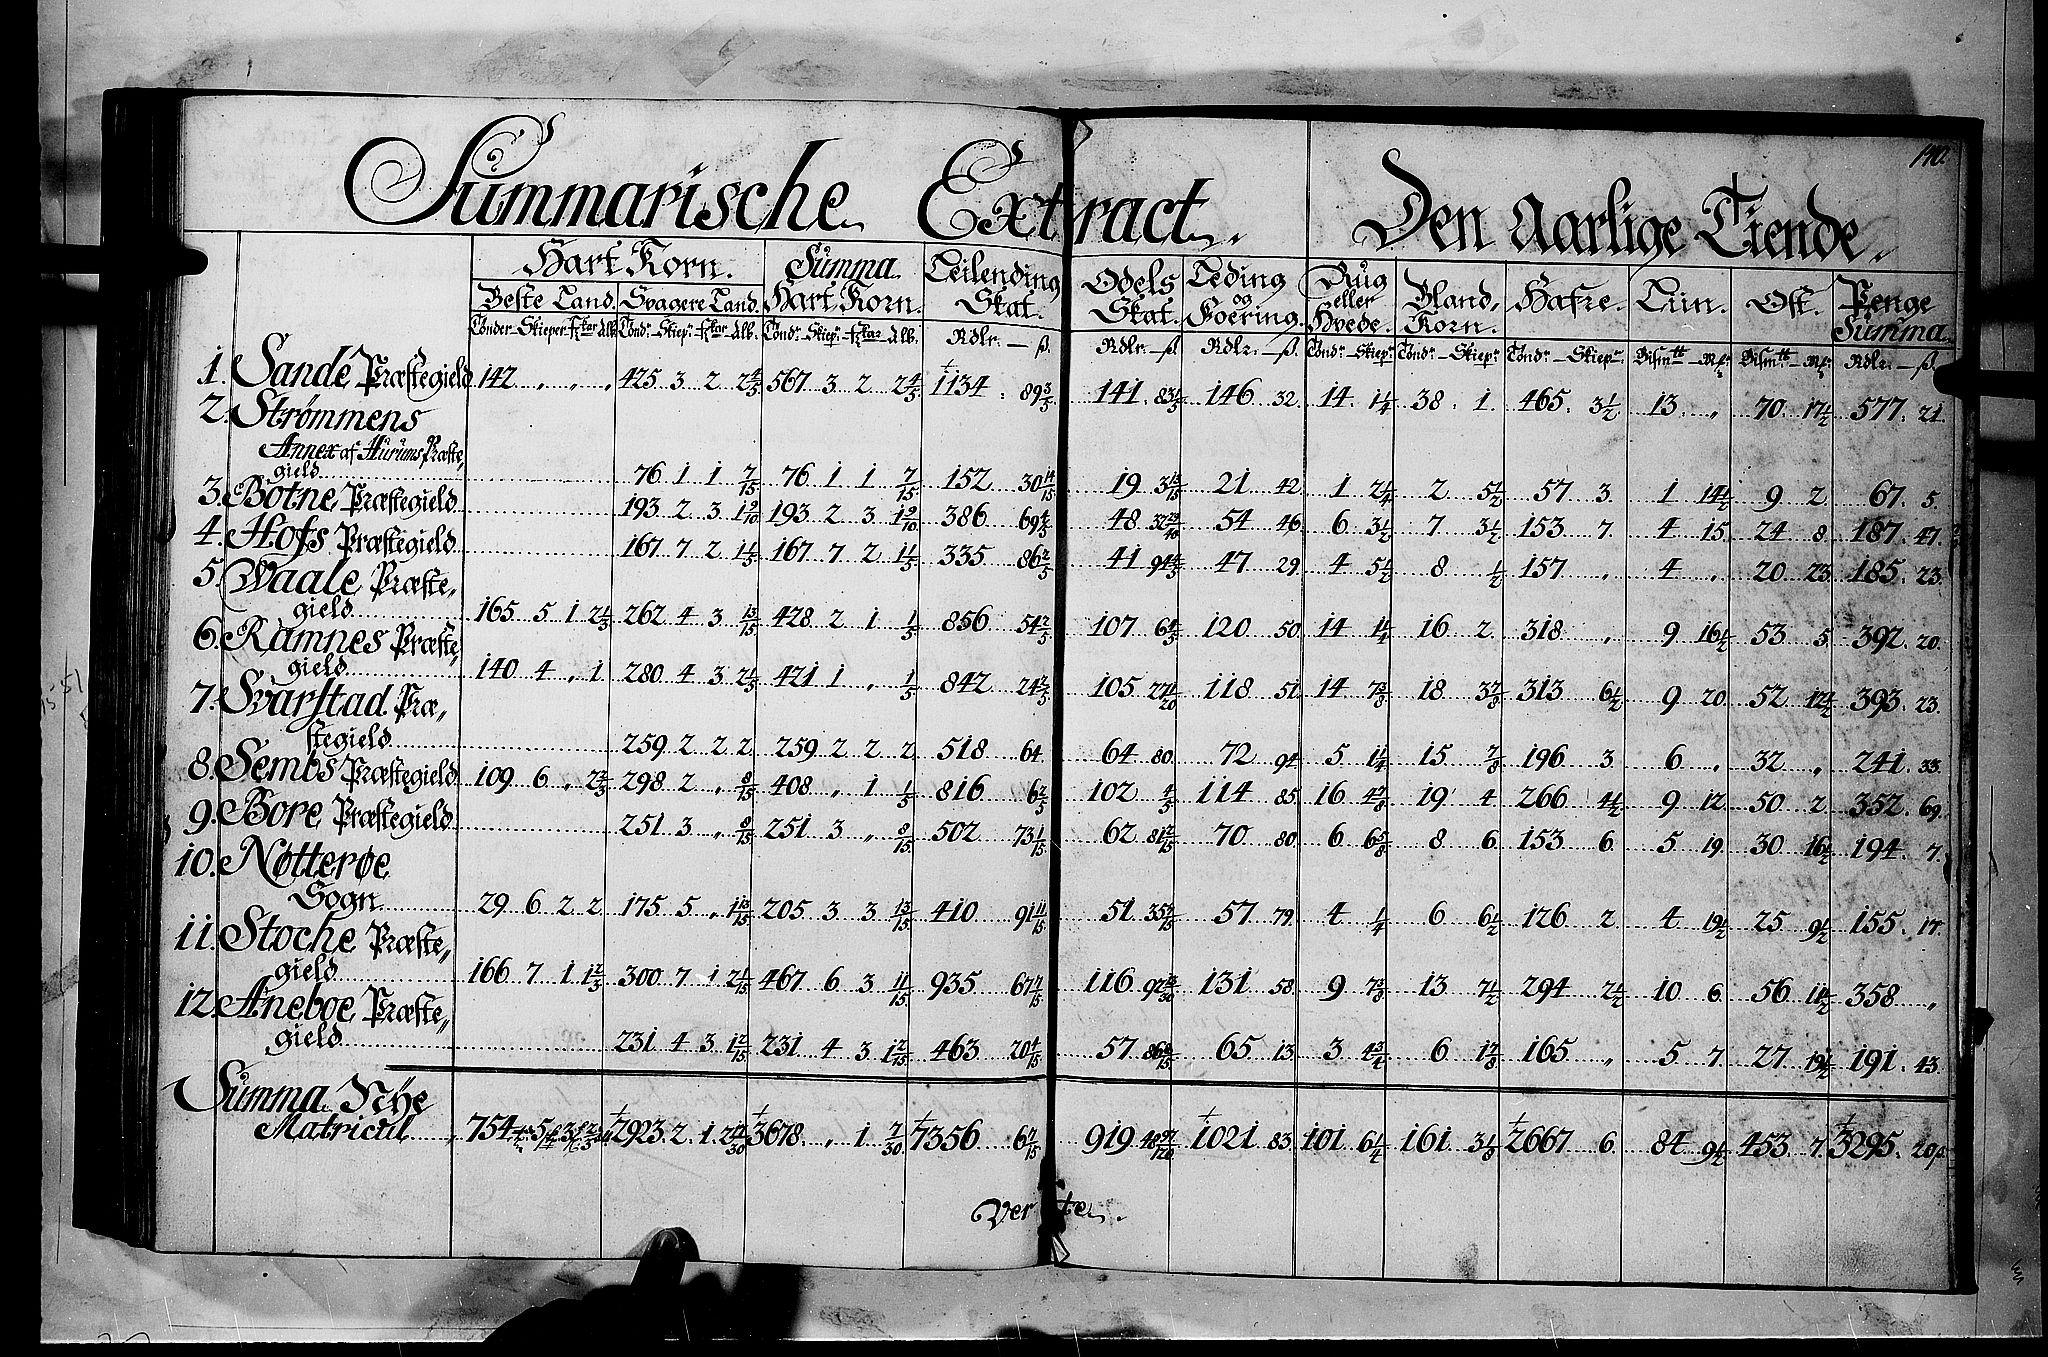 RA, Rentekammeret inntil 1814, Realistisk ordnet avdeling, N/Nb/Nbf/L0116: Jarlsberg grevskap matrikkelprotokoll, 1723, s. 139b-140a